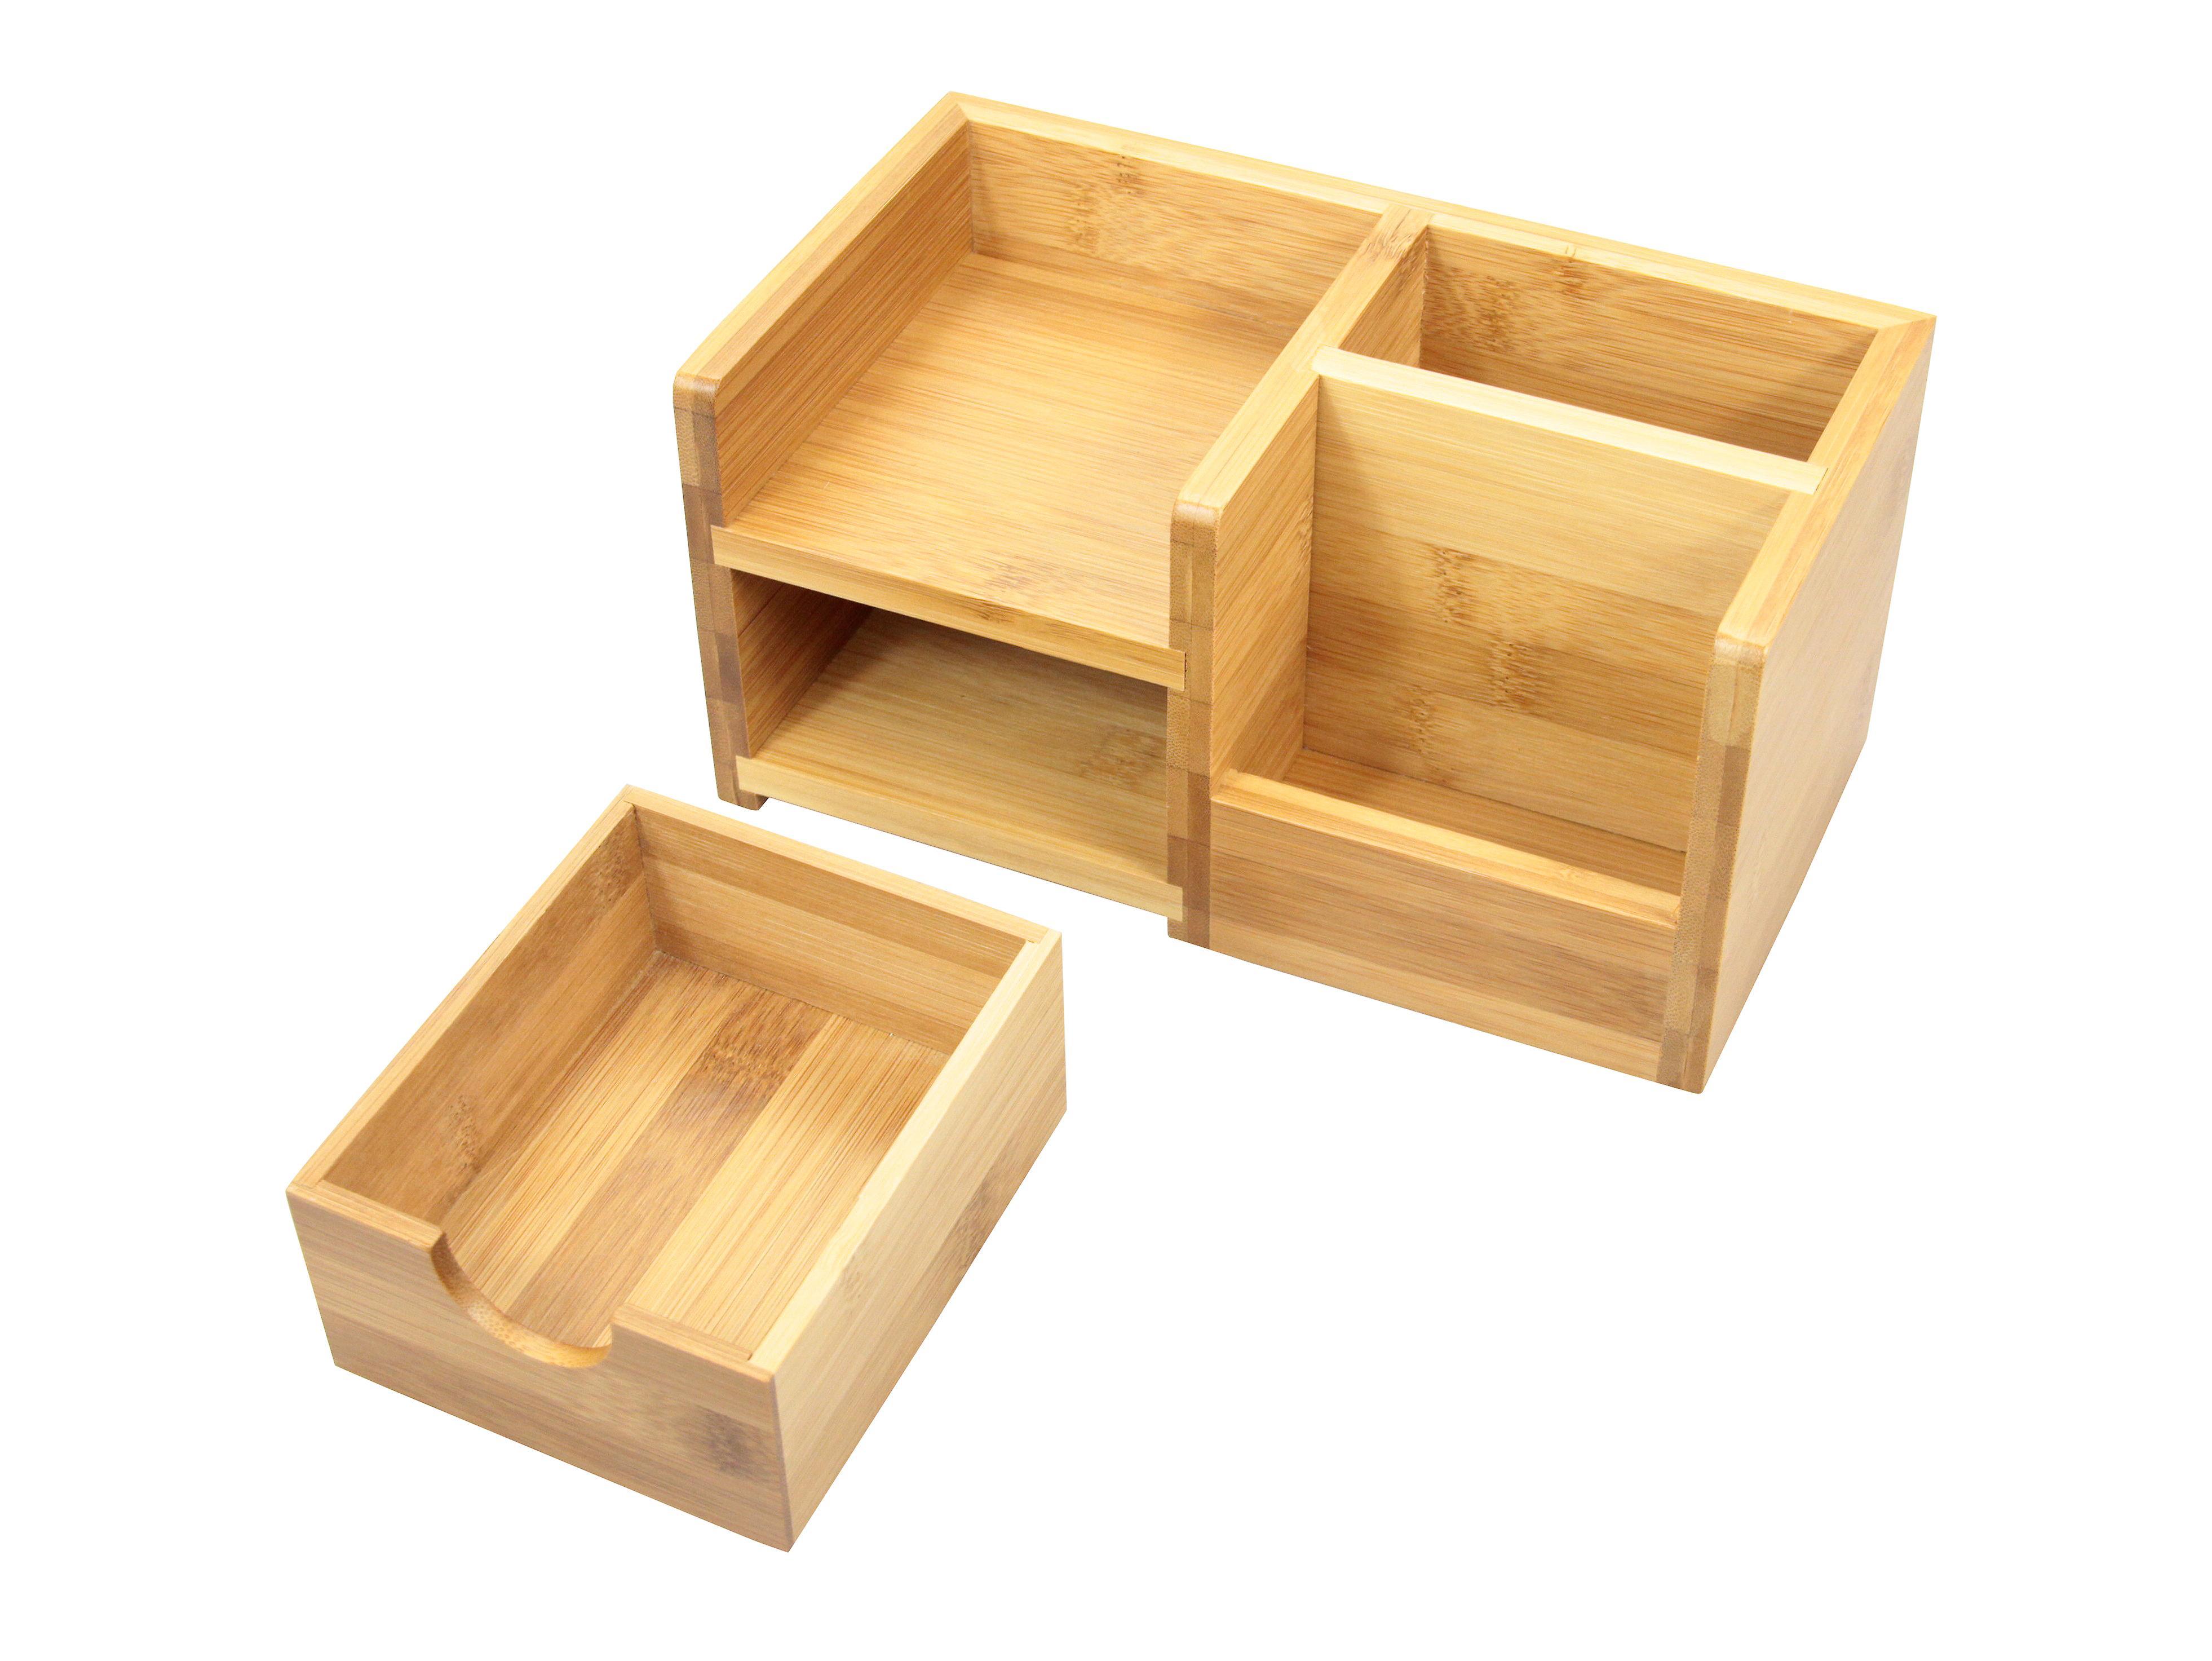 woodquail bamboo desk organiser pen holder and drawer desk tidy of 4